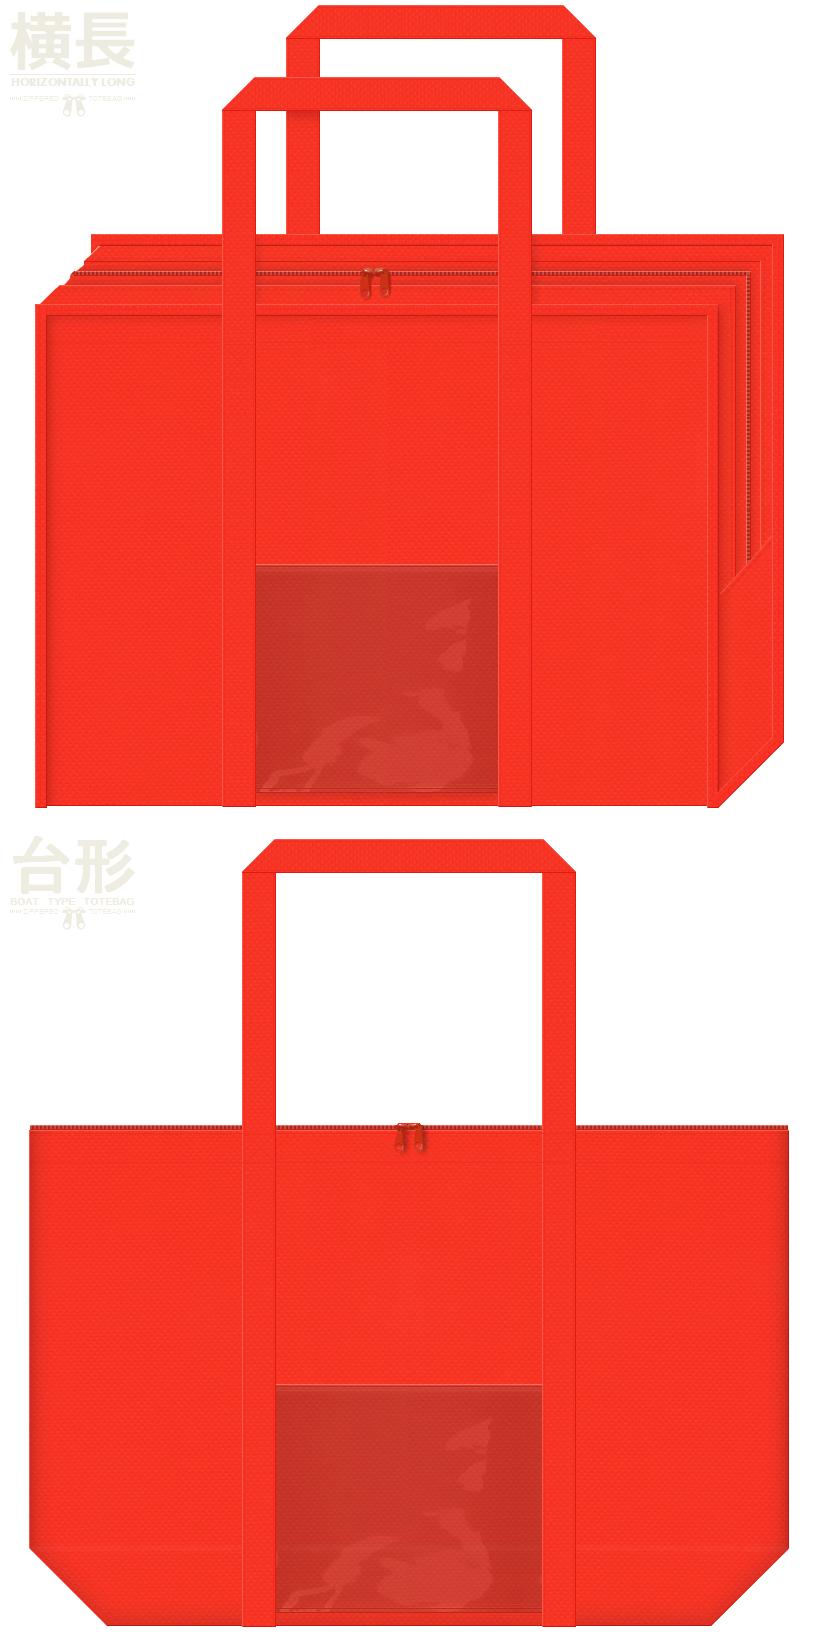 オレンジ色の不織布バッグデザイン:透明ポケット付きの不織布ランドリーバッグ